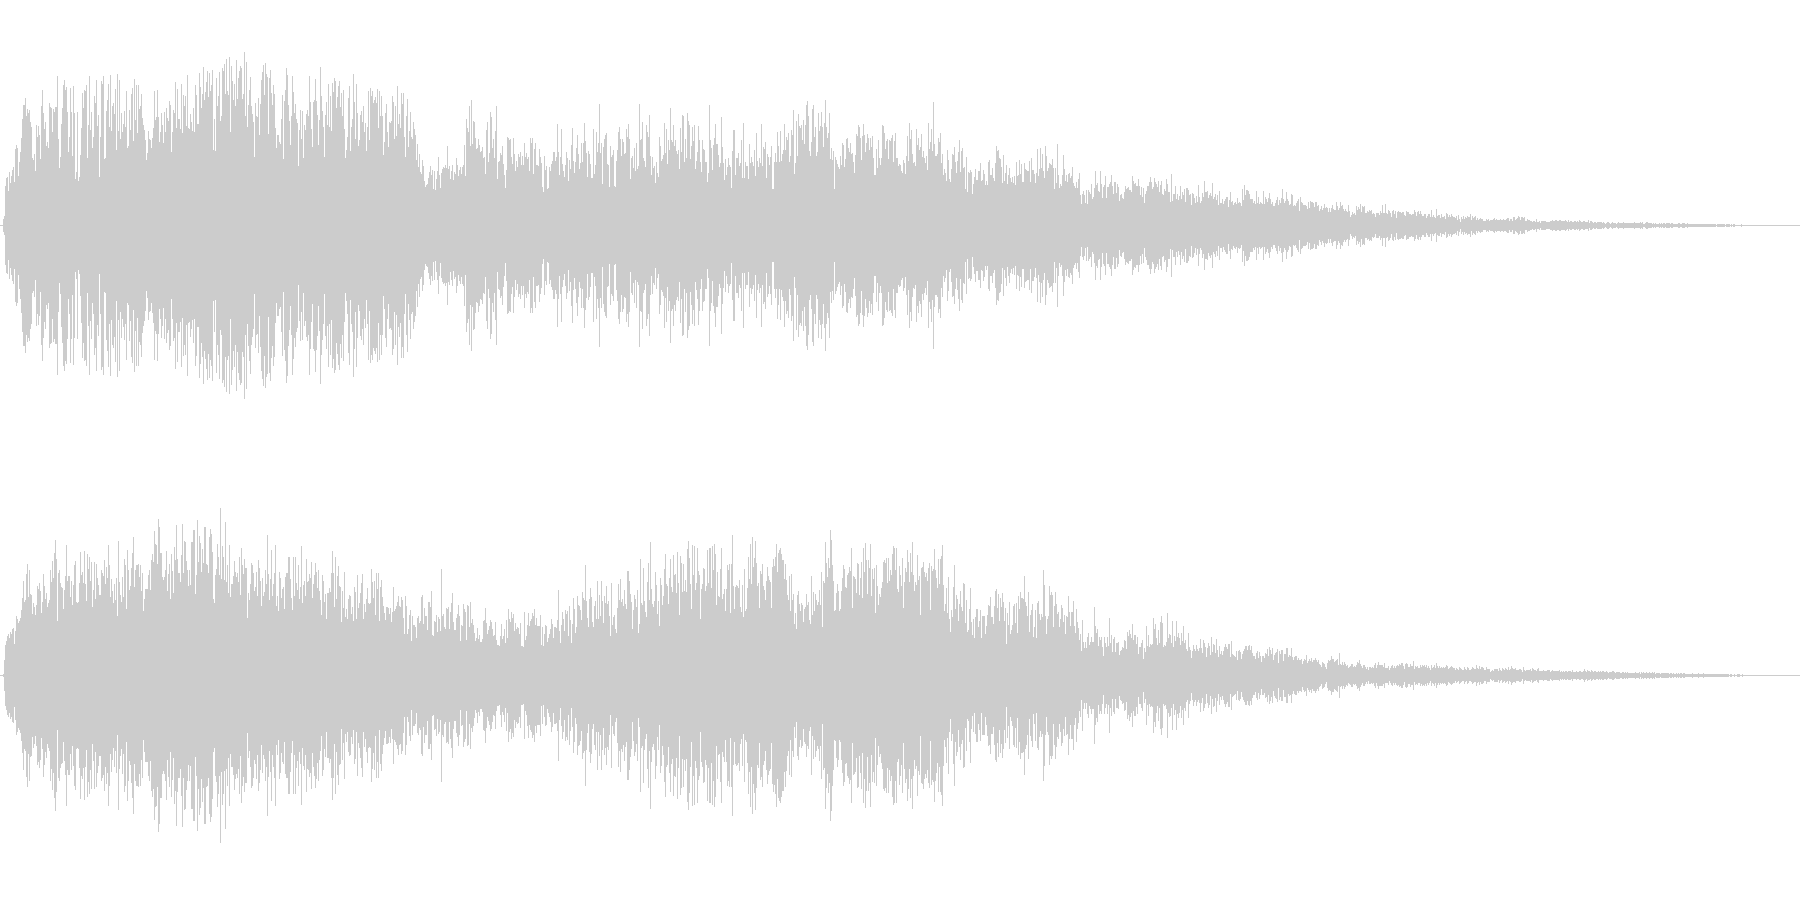 ブォァァン(悪い魔法をかけたような音)の未再生の波形